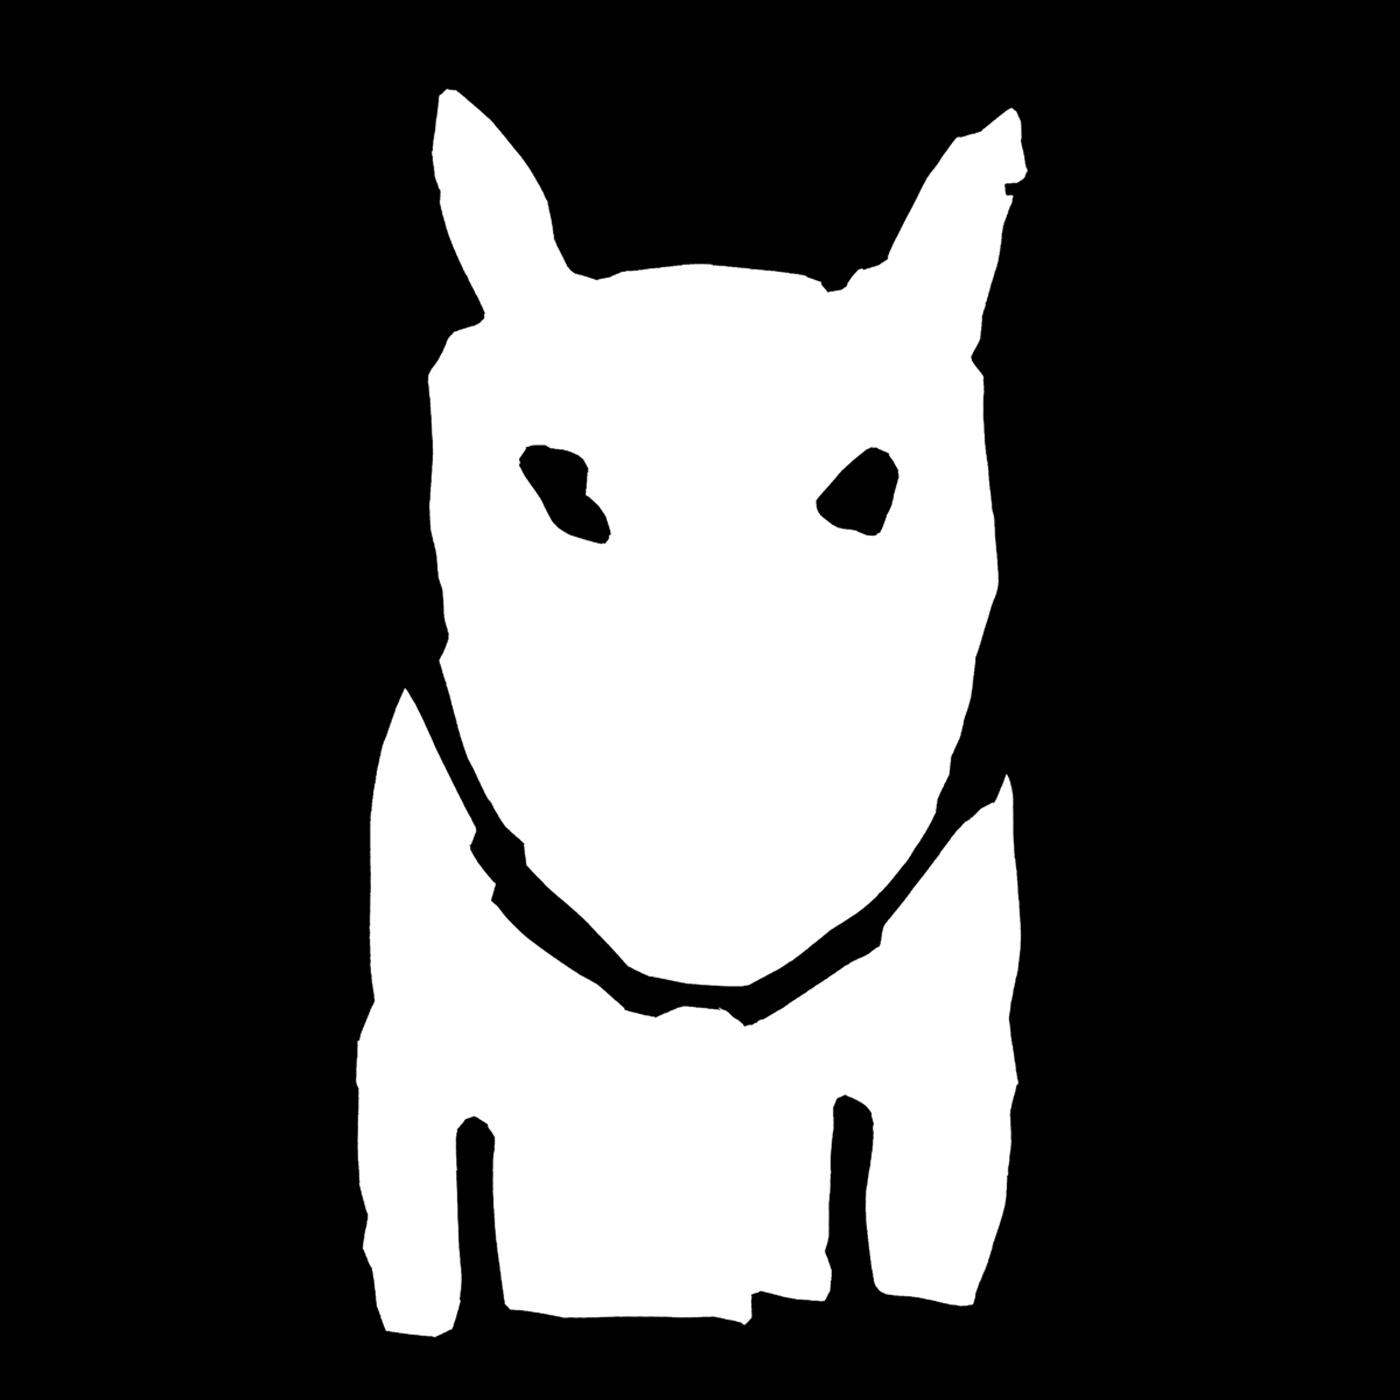 Rex The Dog wird gefühlsvoll